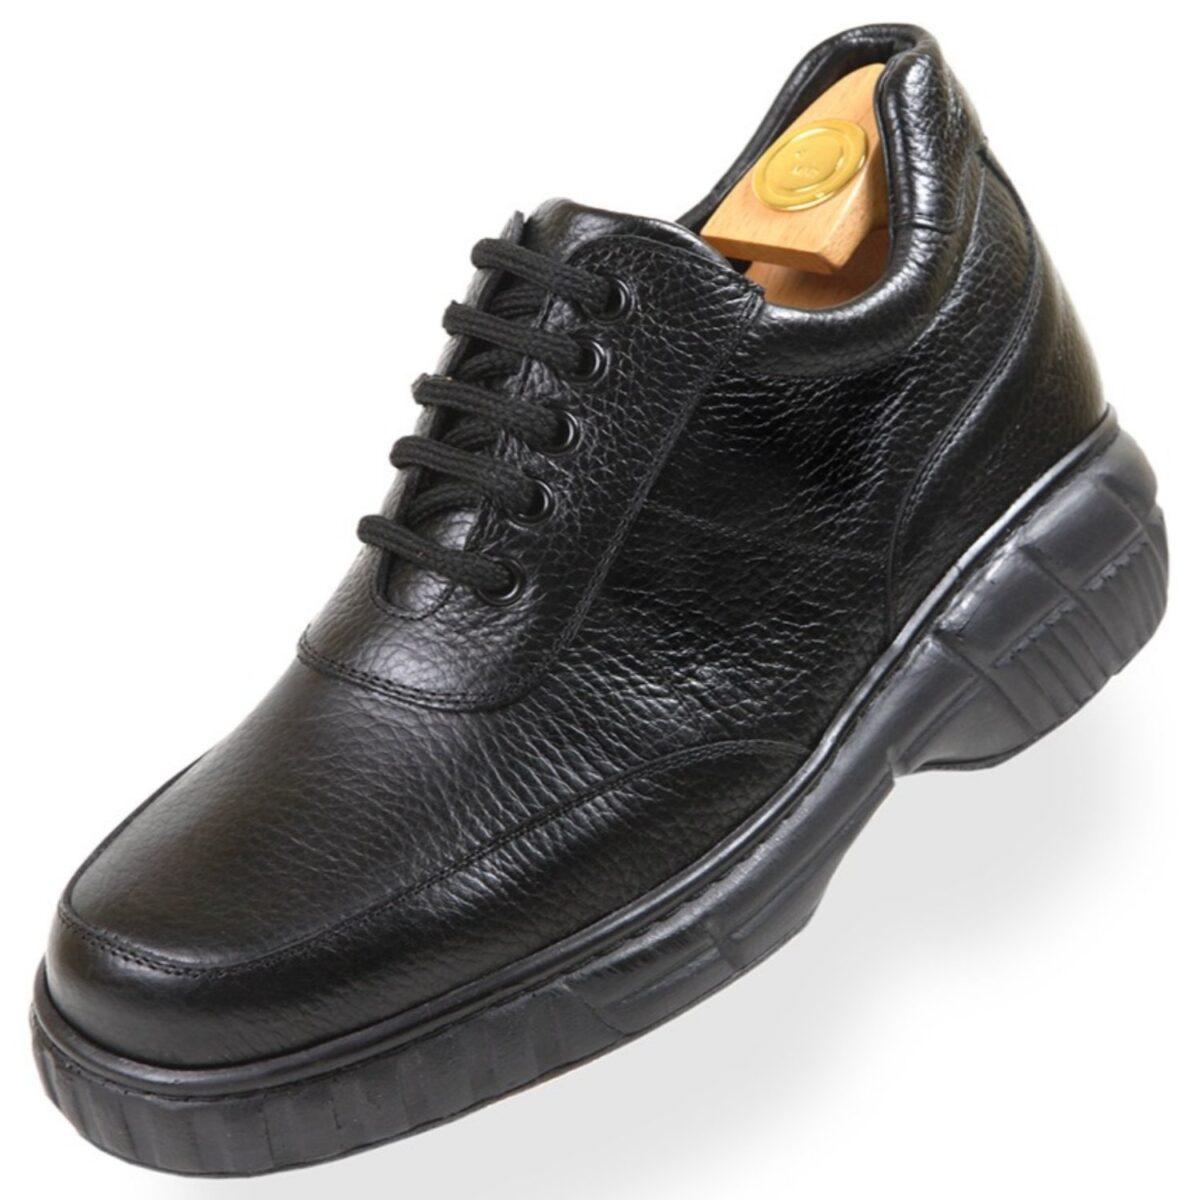 Zapatos con Alzas modelo 8032 N - HiPlus